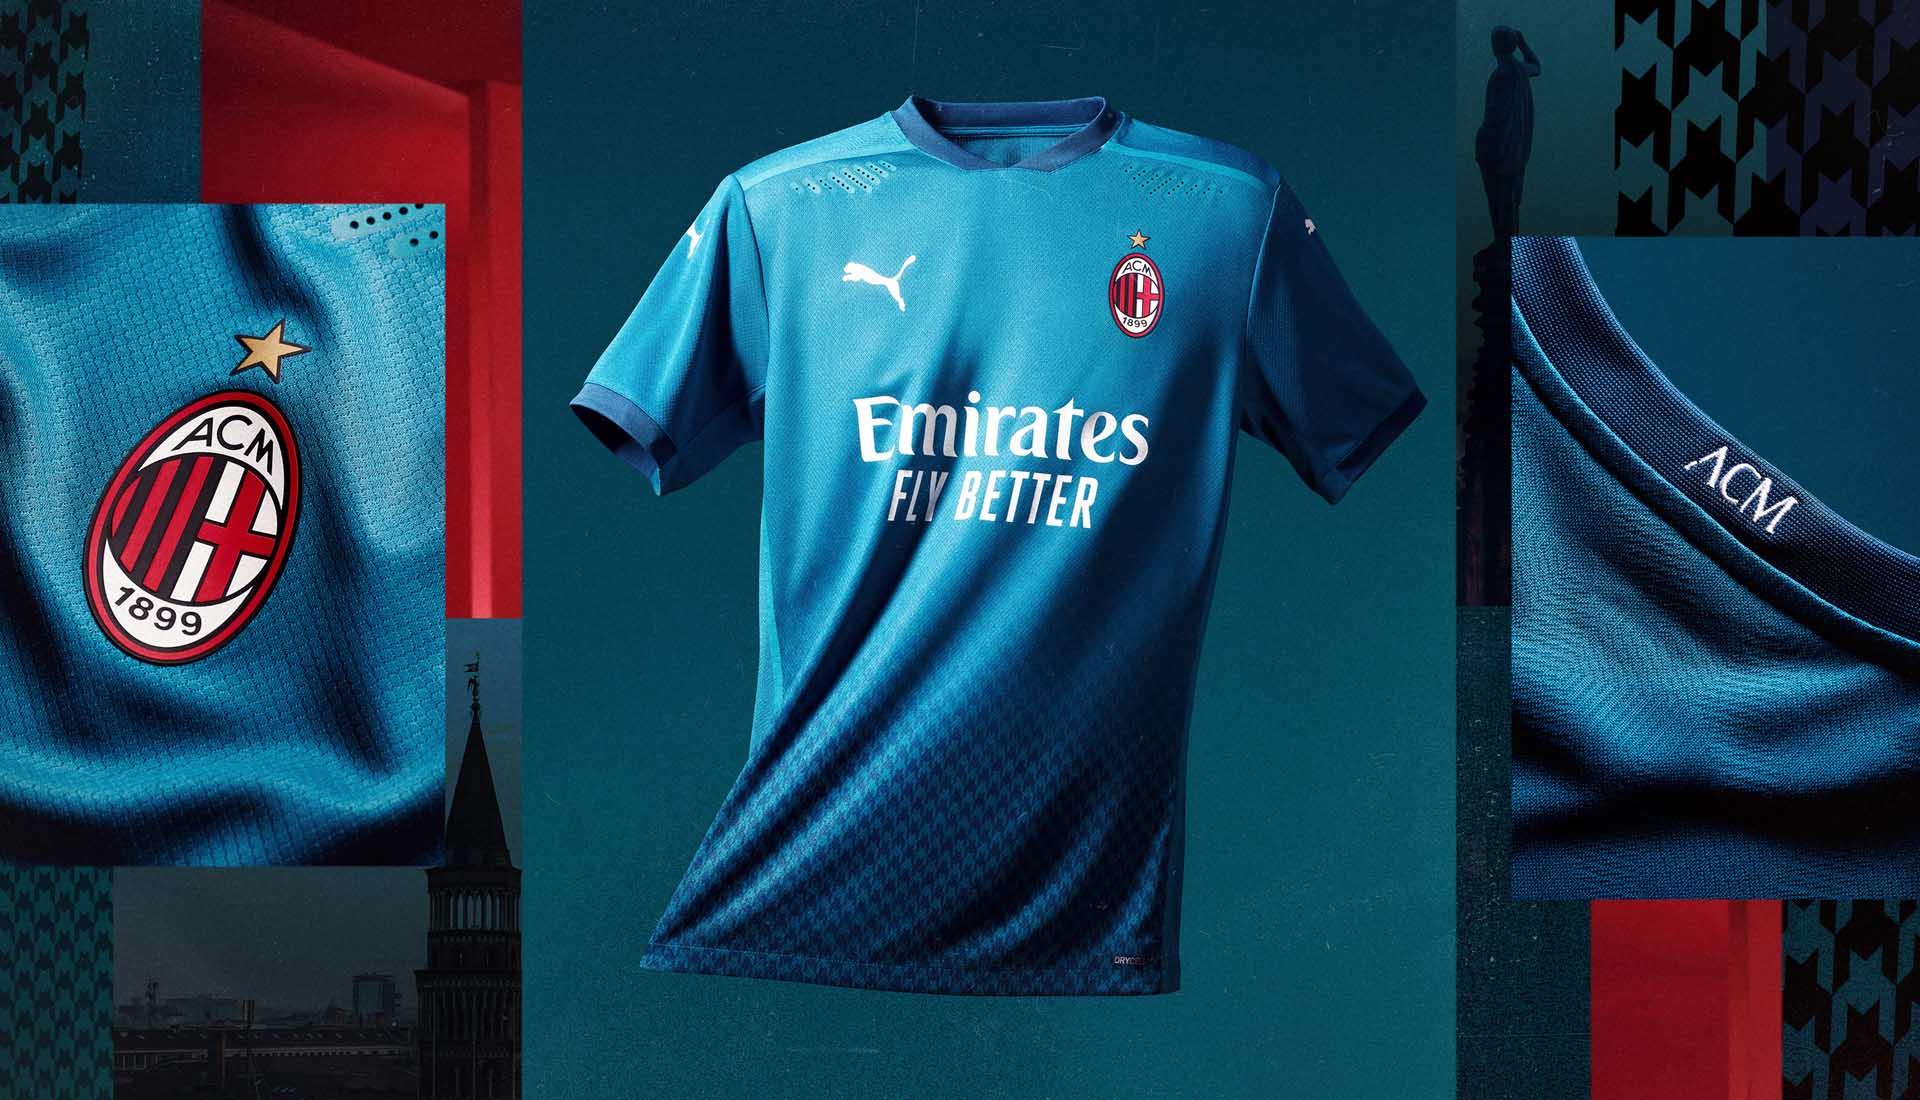 Novas Camisas Do Ac Milan 2020 2021 Puma Mantos Do Futebol